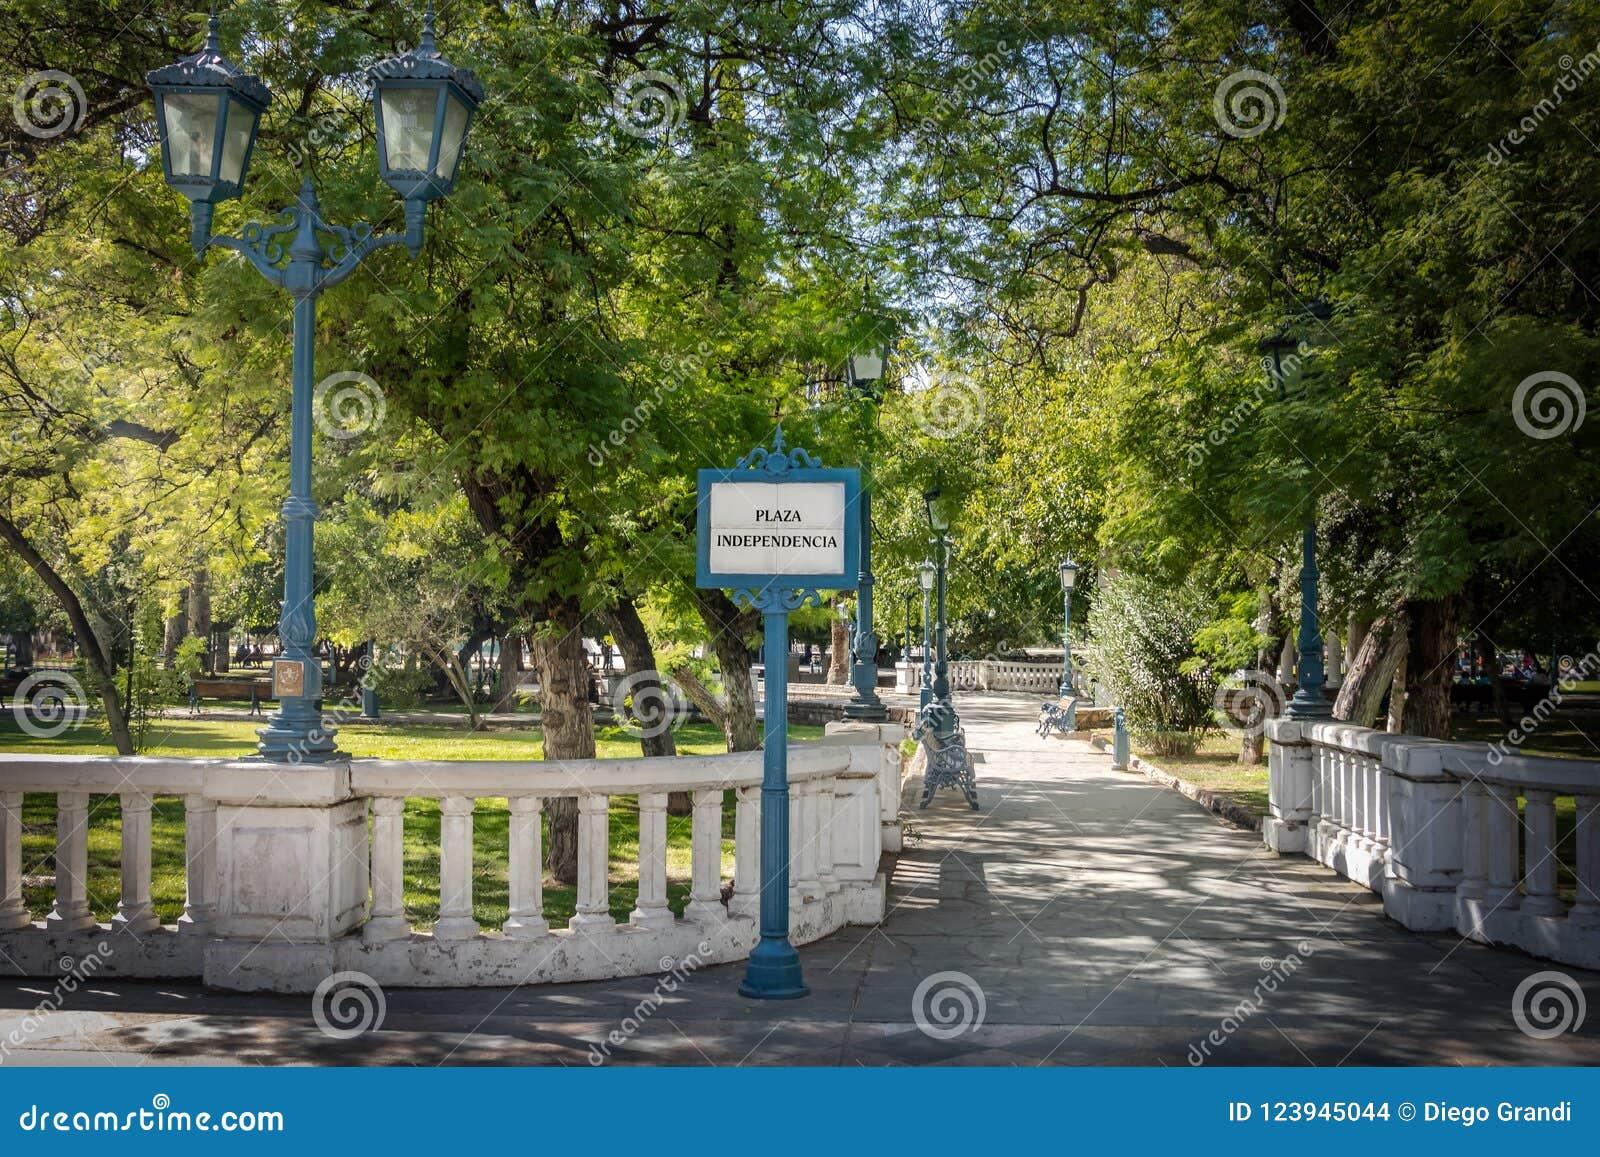 Entrada do quadrado da independência de Independencia da plaza - Mendoza, Argentina